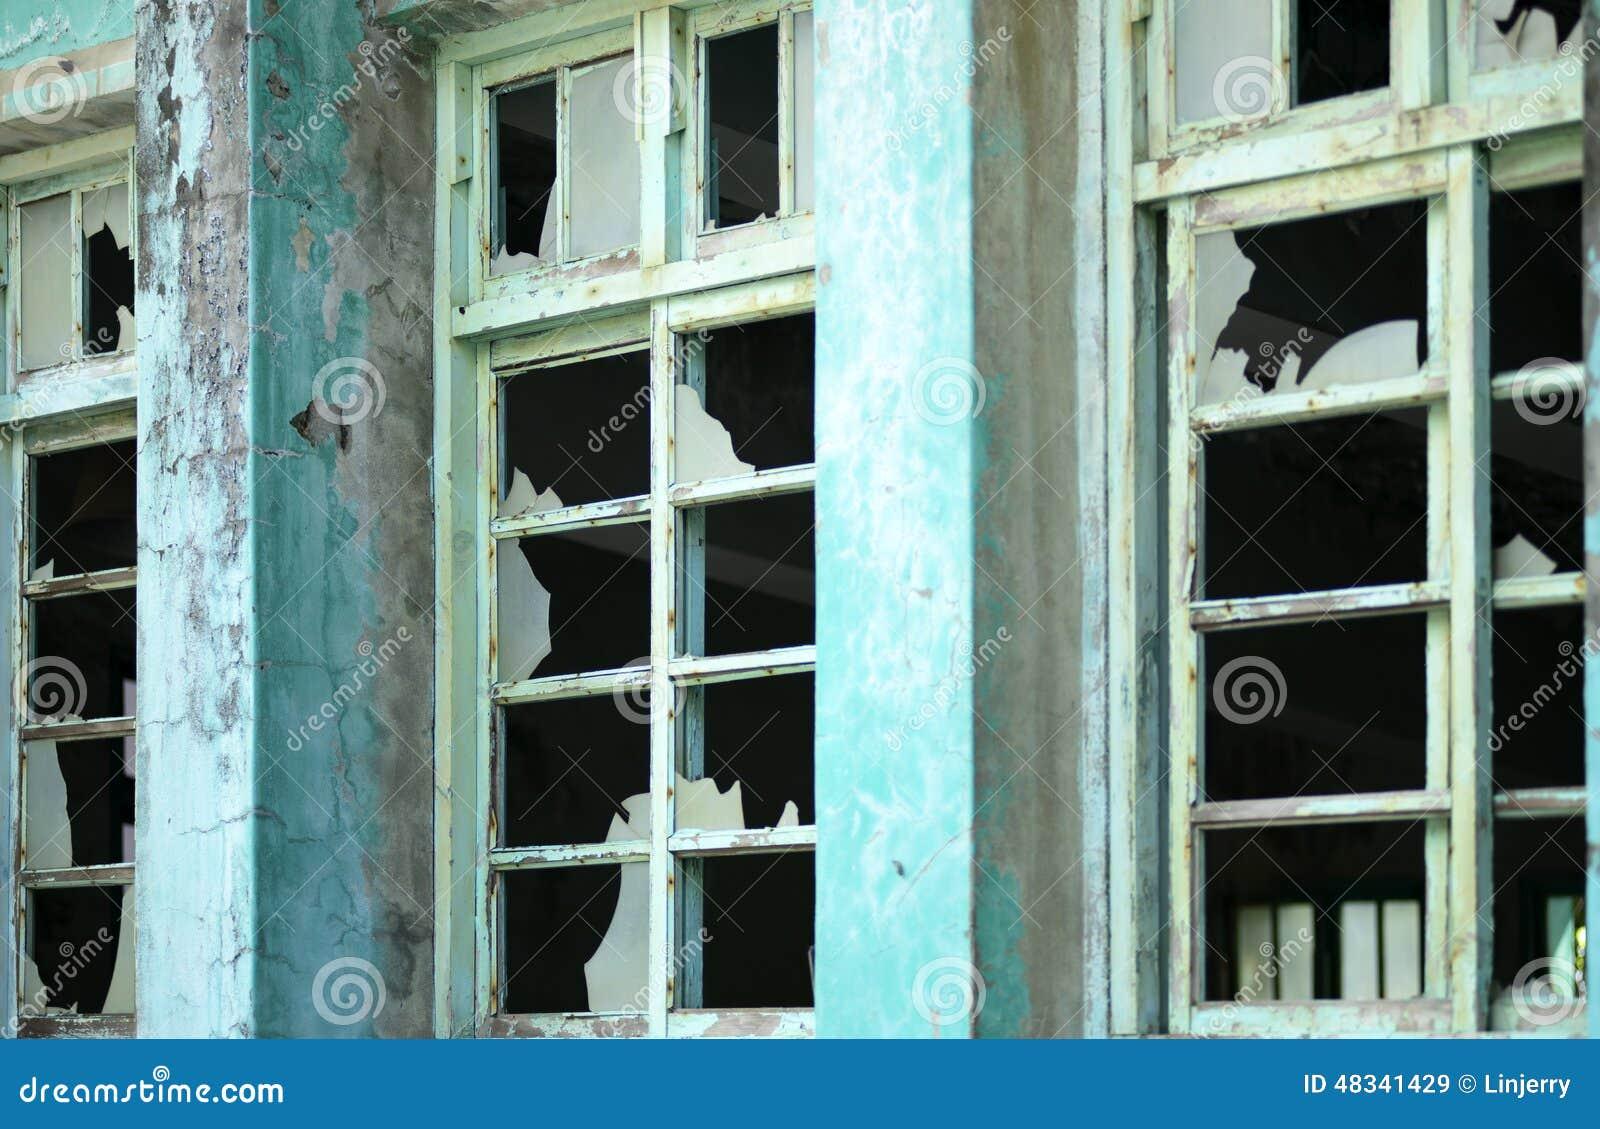 Finestra Con Vetro Rotto Immagine Stock Immagine Di Scuro